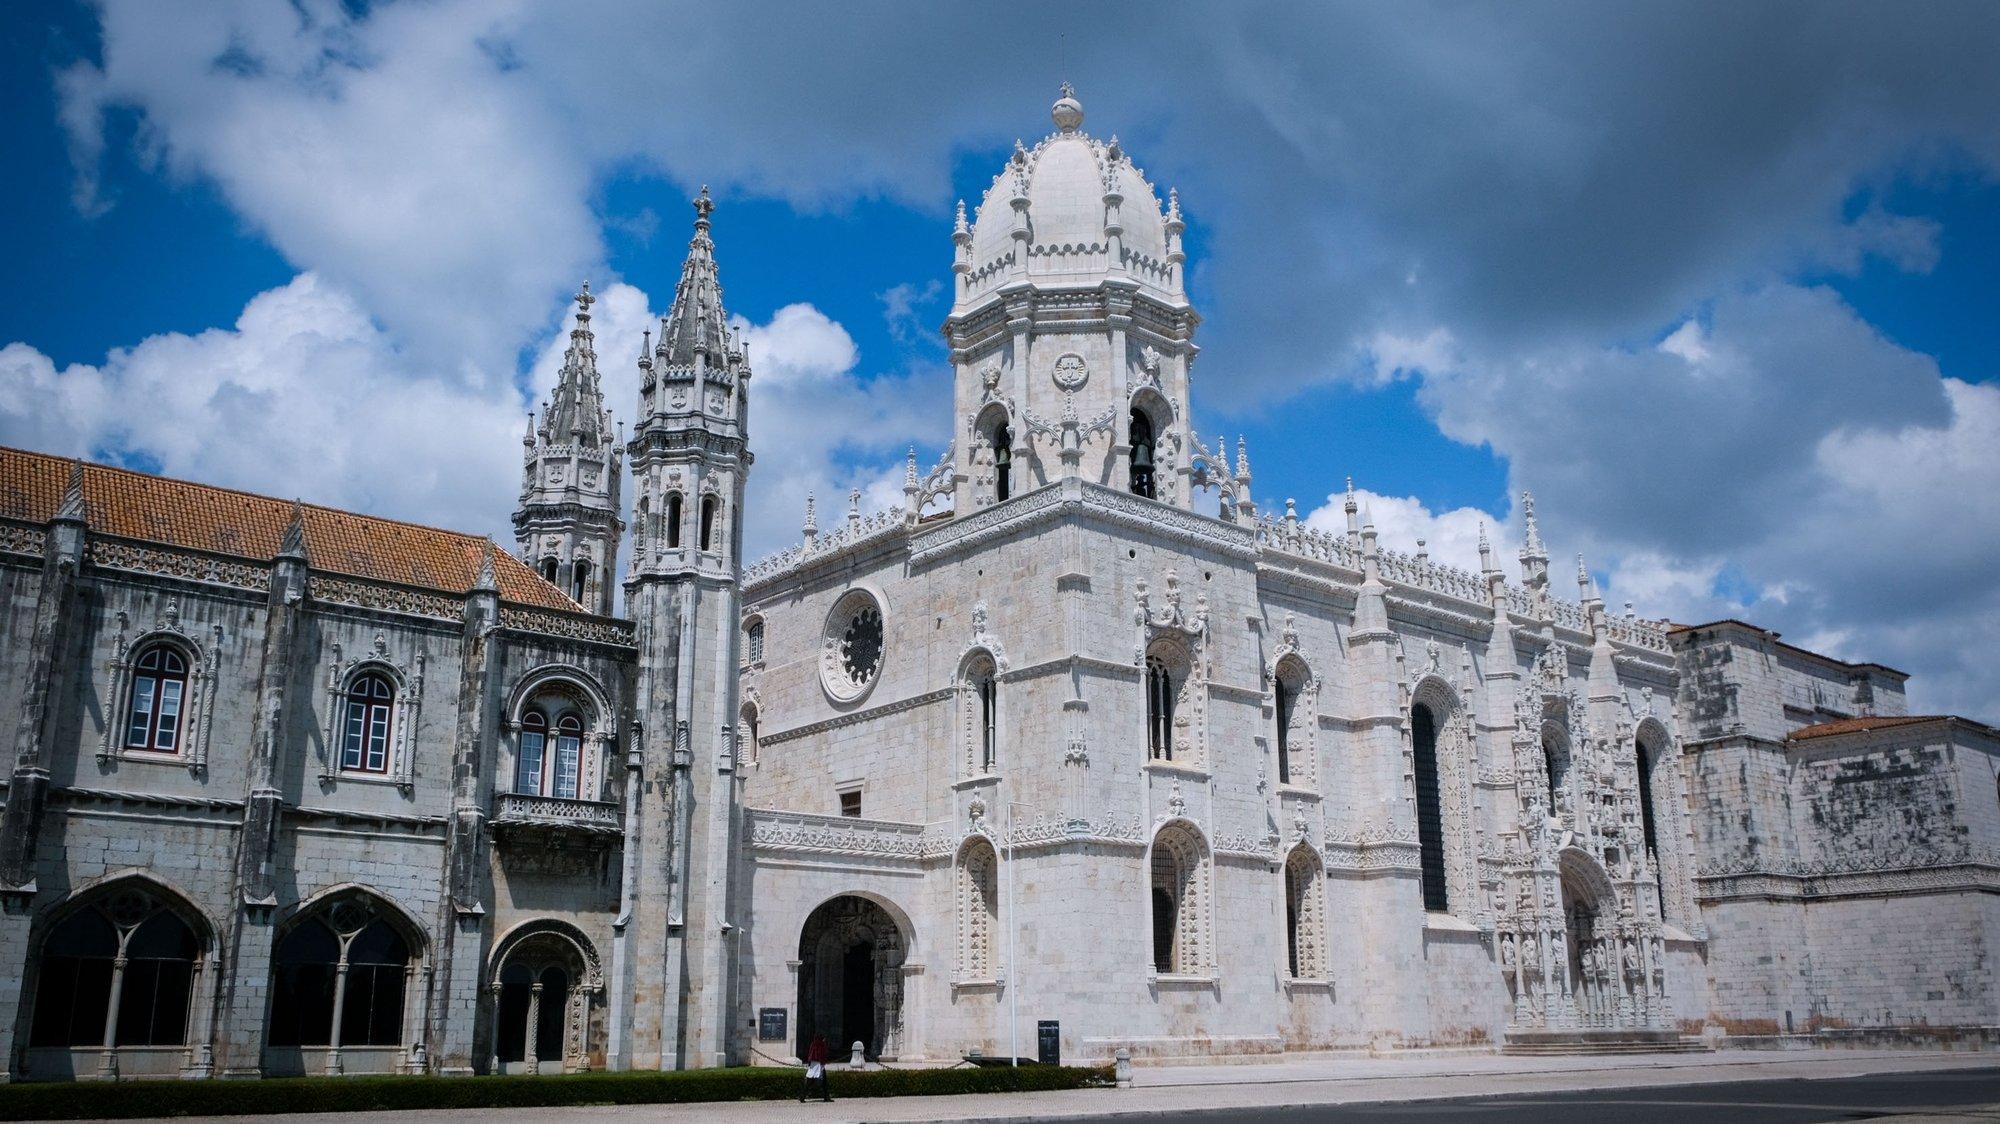 Mosteiro dos Jerónimos em Belém, Lisboa, 27 de abril de 2020.ANTÓNIO COTRIM/LUSA